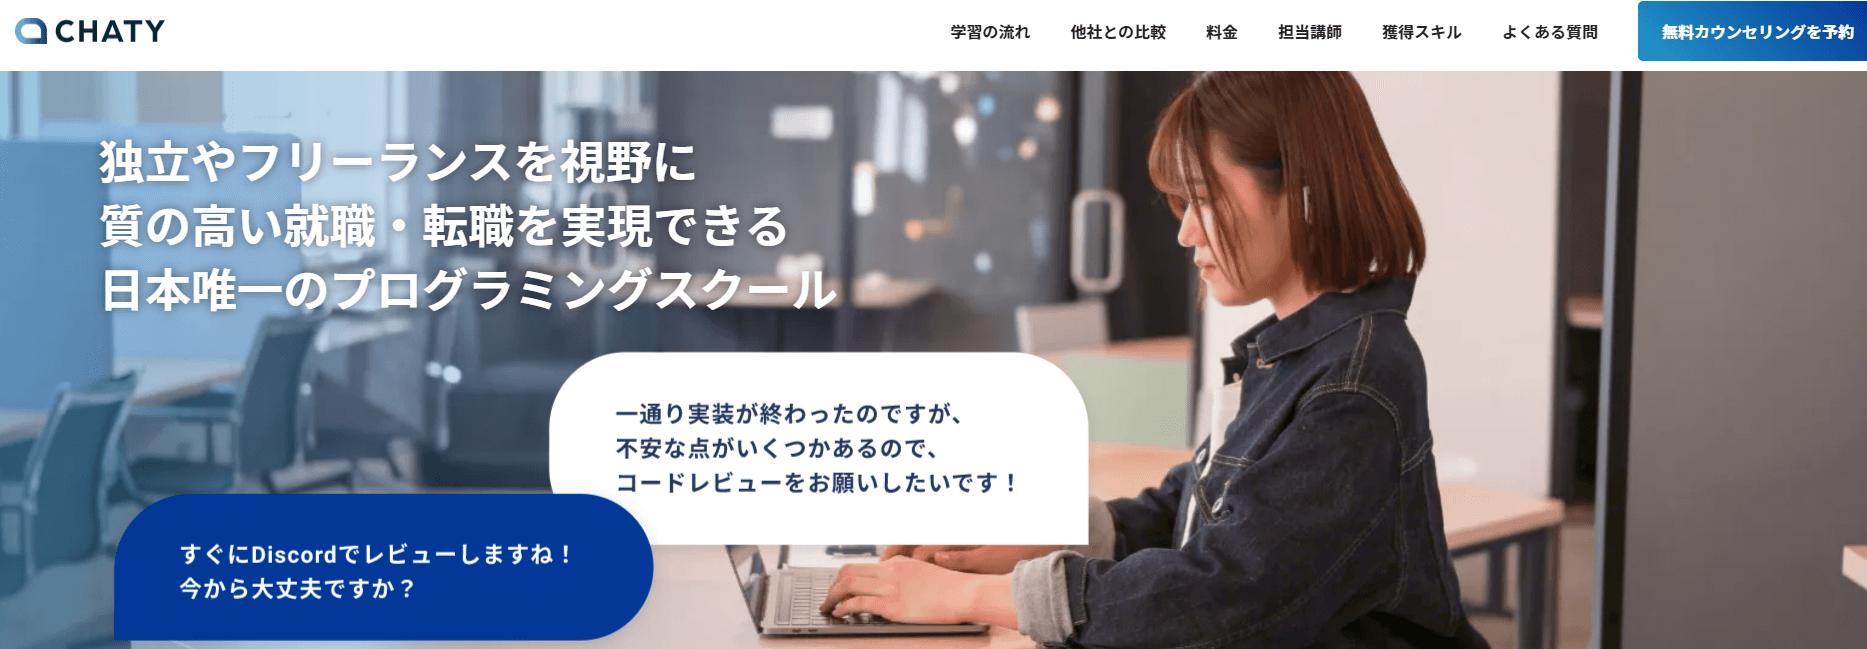 プログラミングスクール_安い_おすすめ_chaty_チャティ